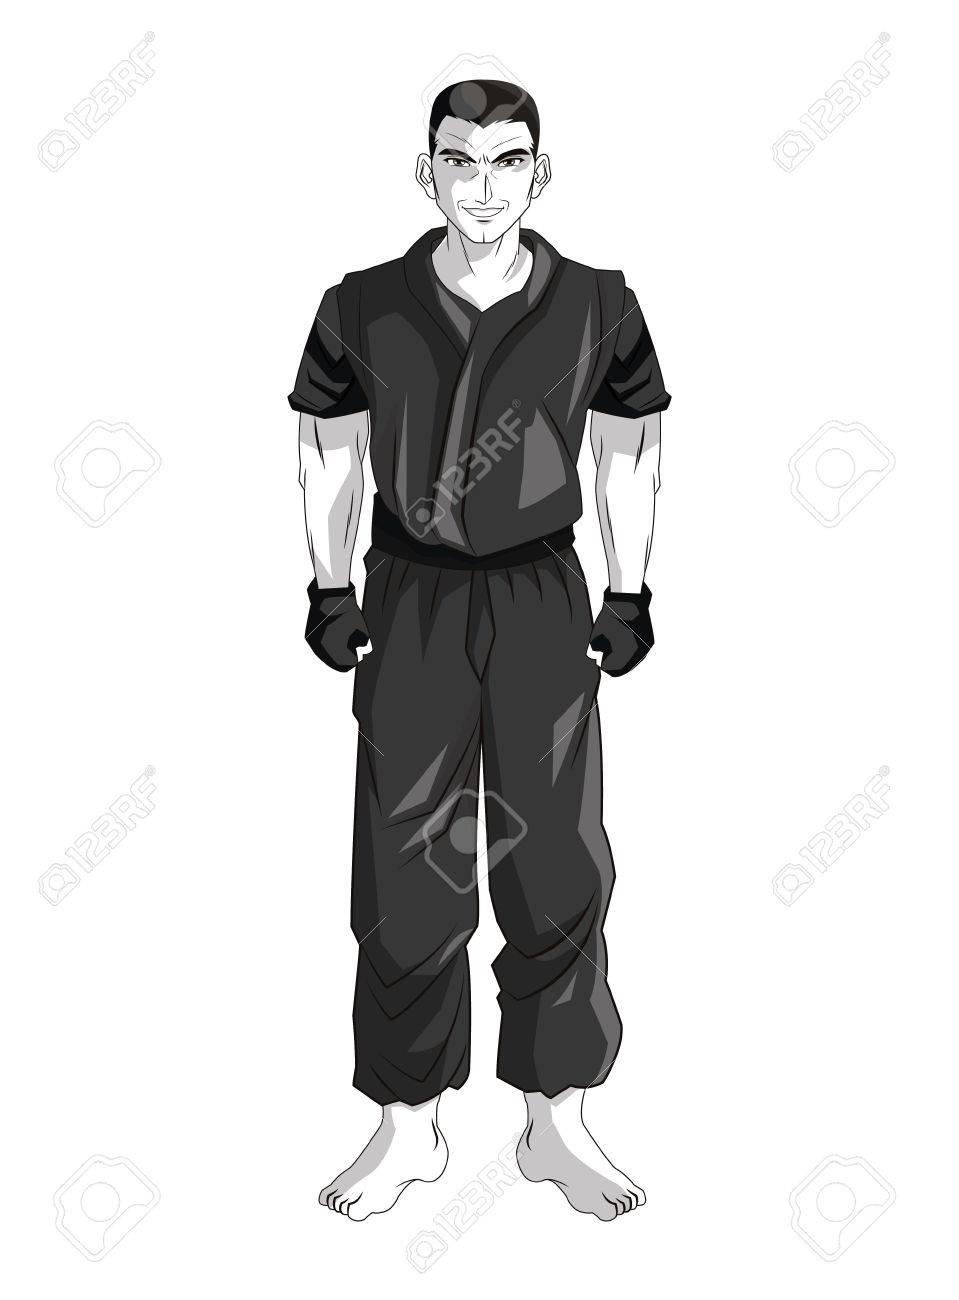 homme jeune garcon anime manga bande dessinee comique combat icone blanc gris noir et design isole vector illustration